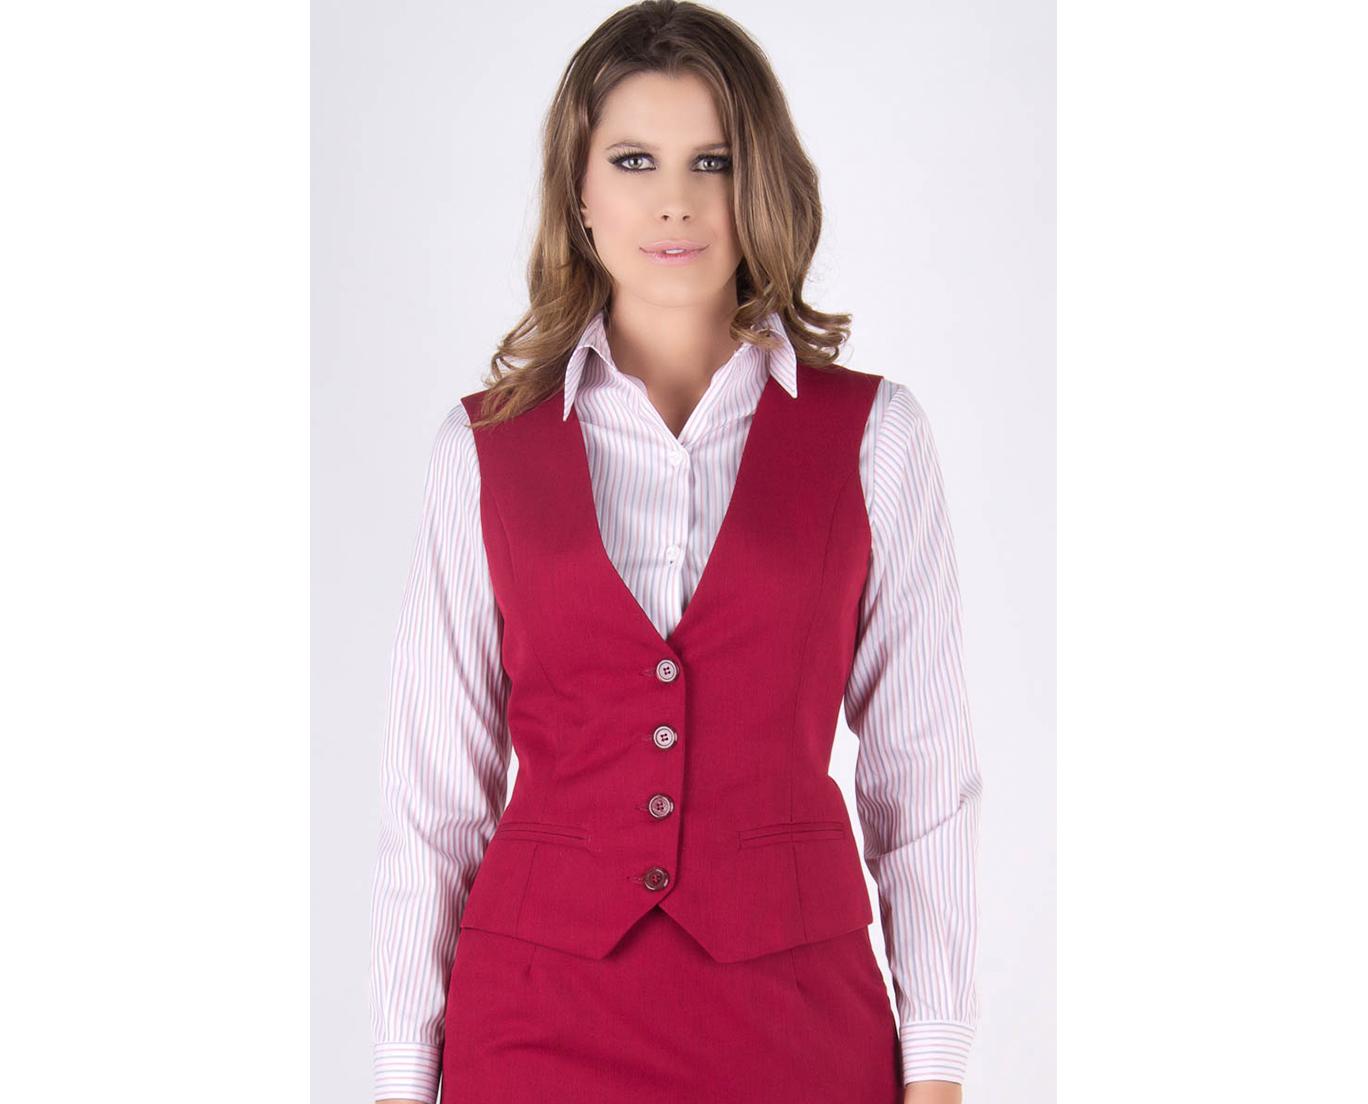 Traje sastre mujer cdmx – Vestidos de mujer ffa509ba6626